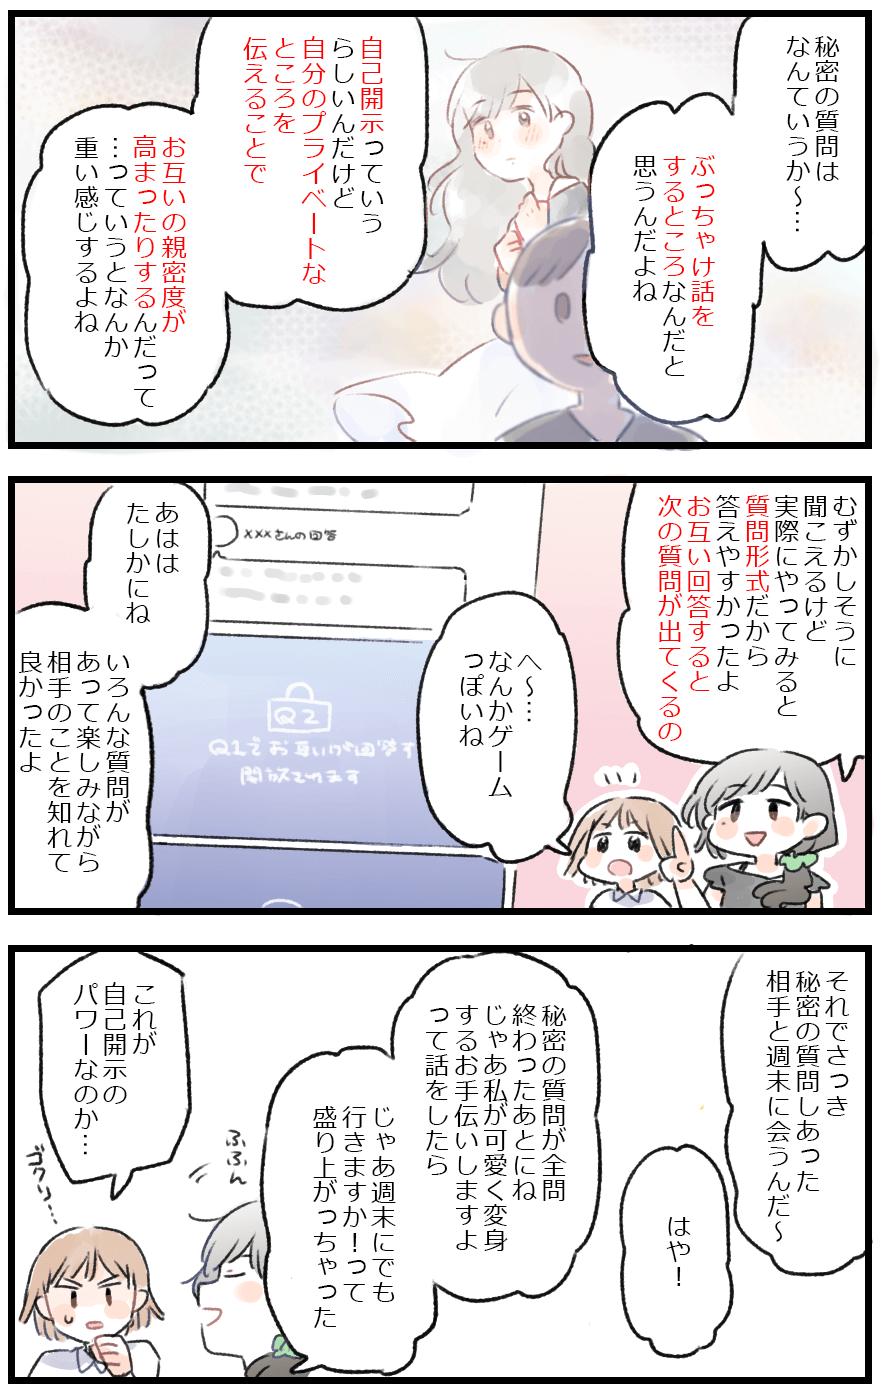 マンガ03